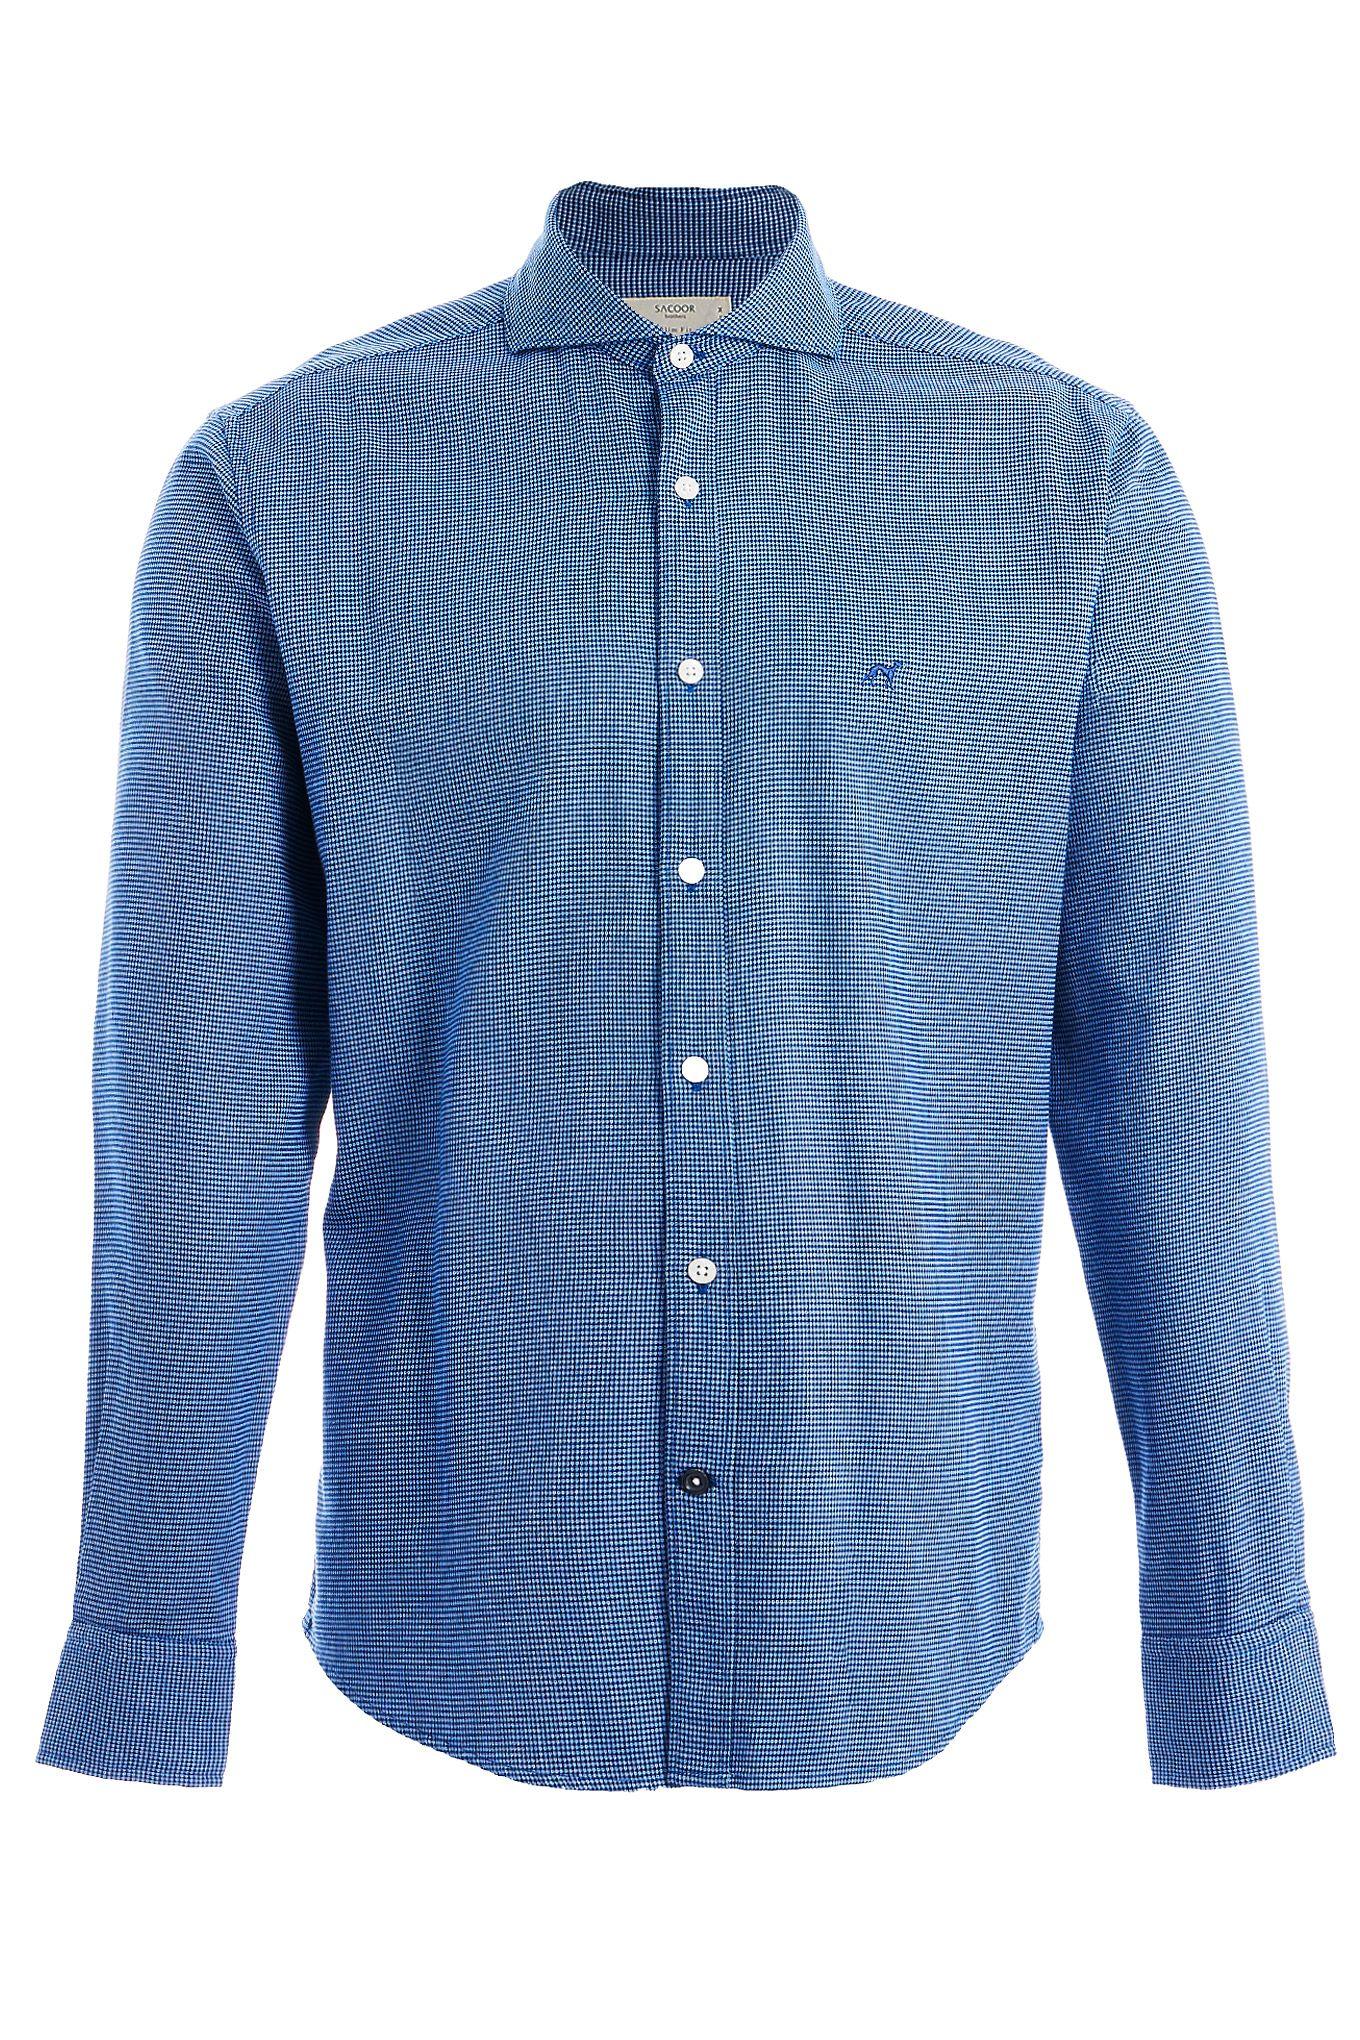 Men s Shirt Slim Fit